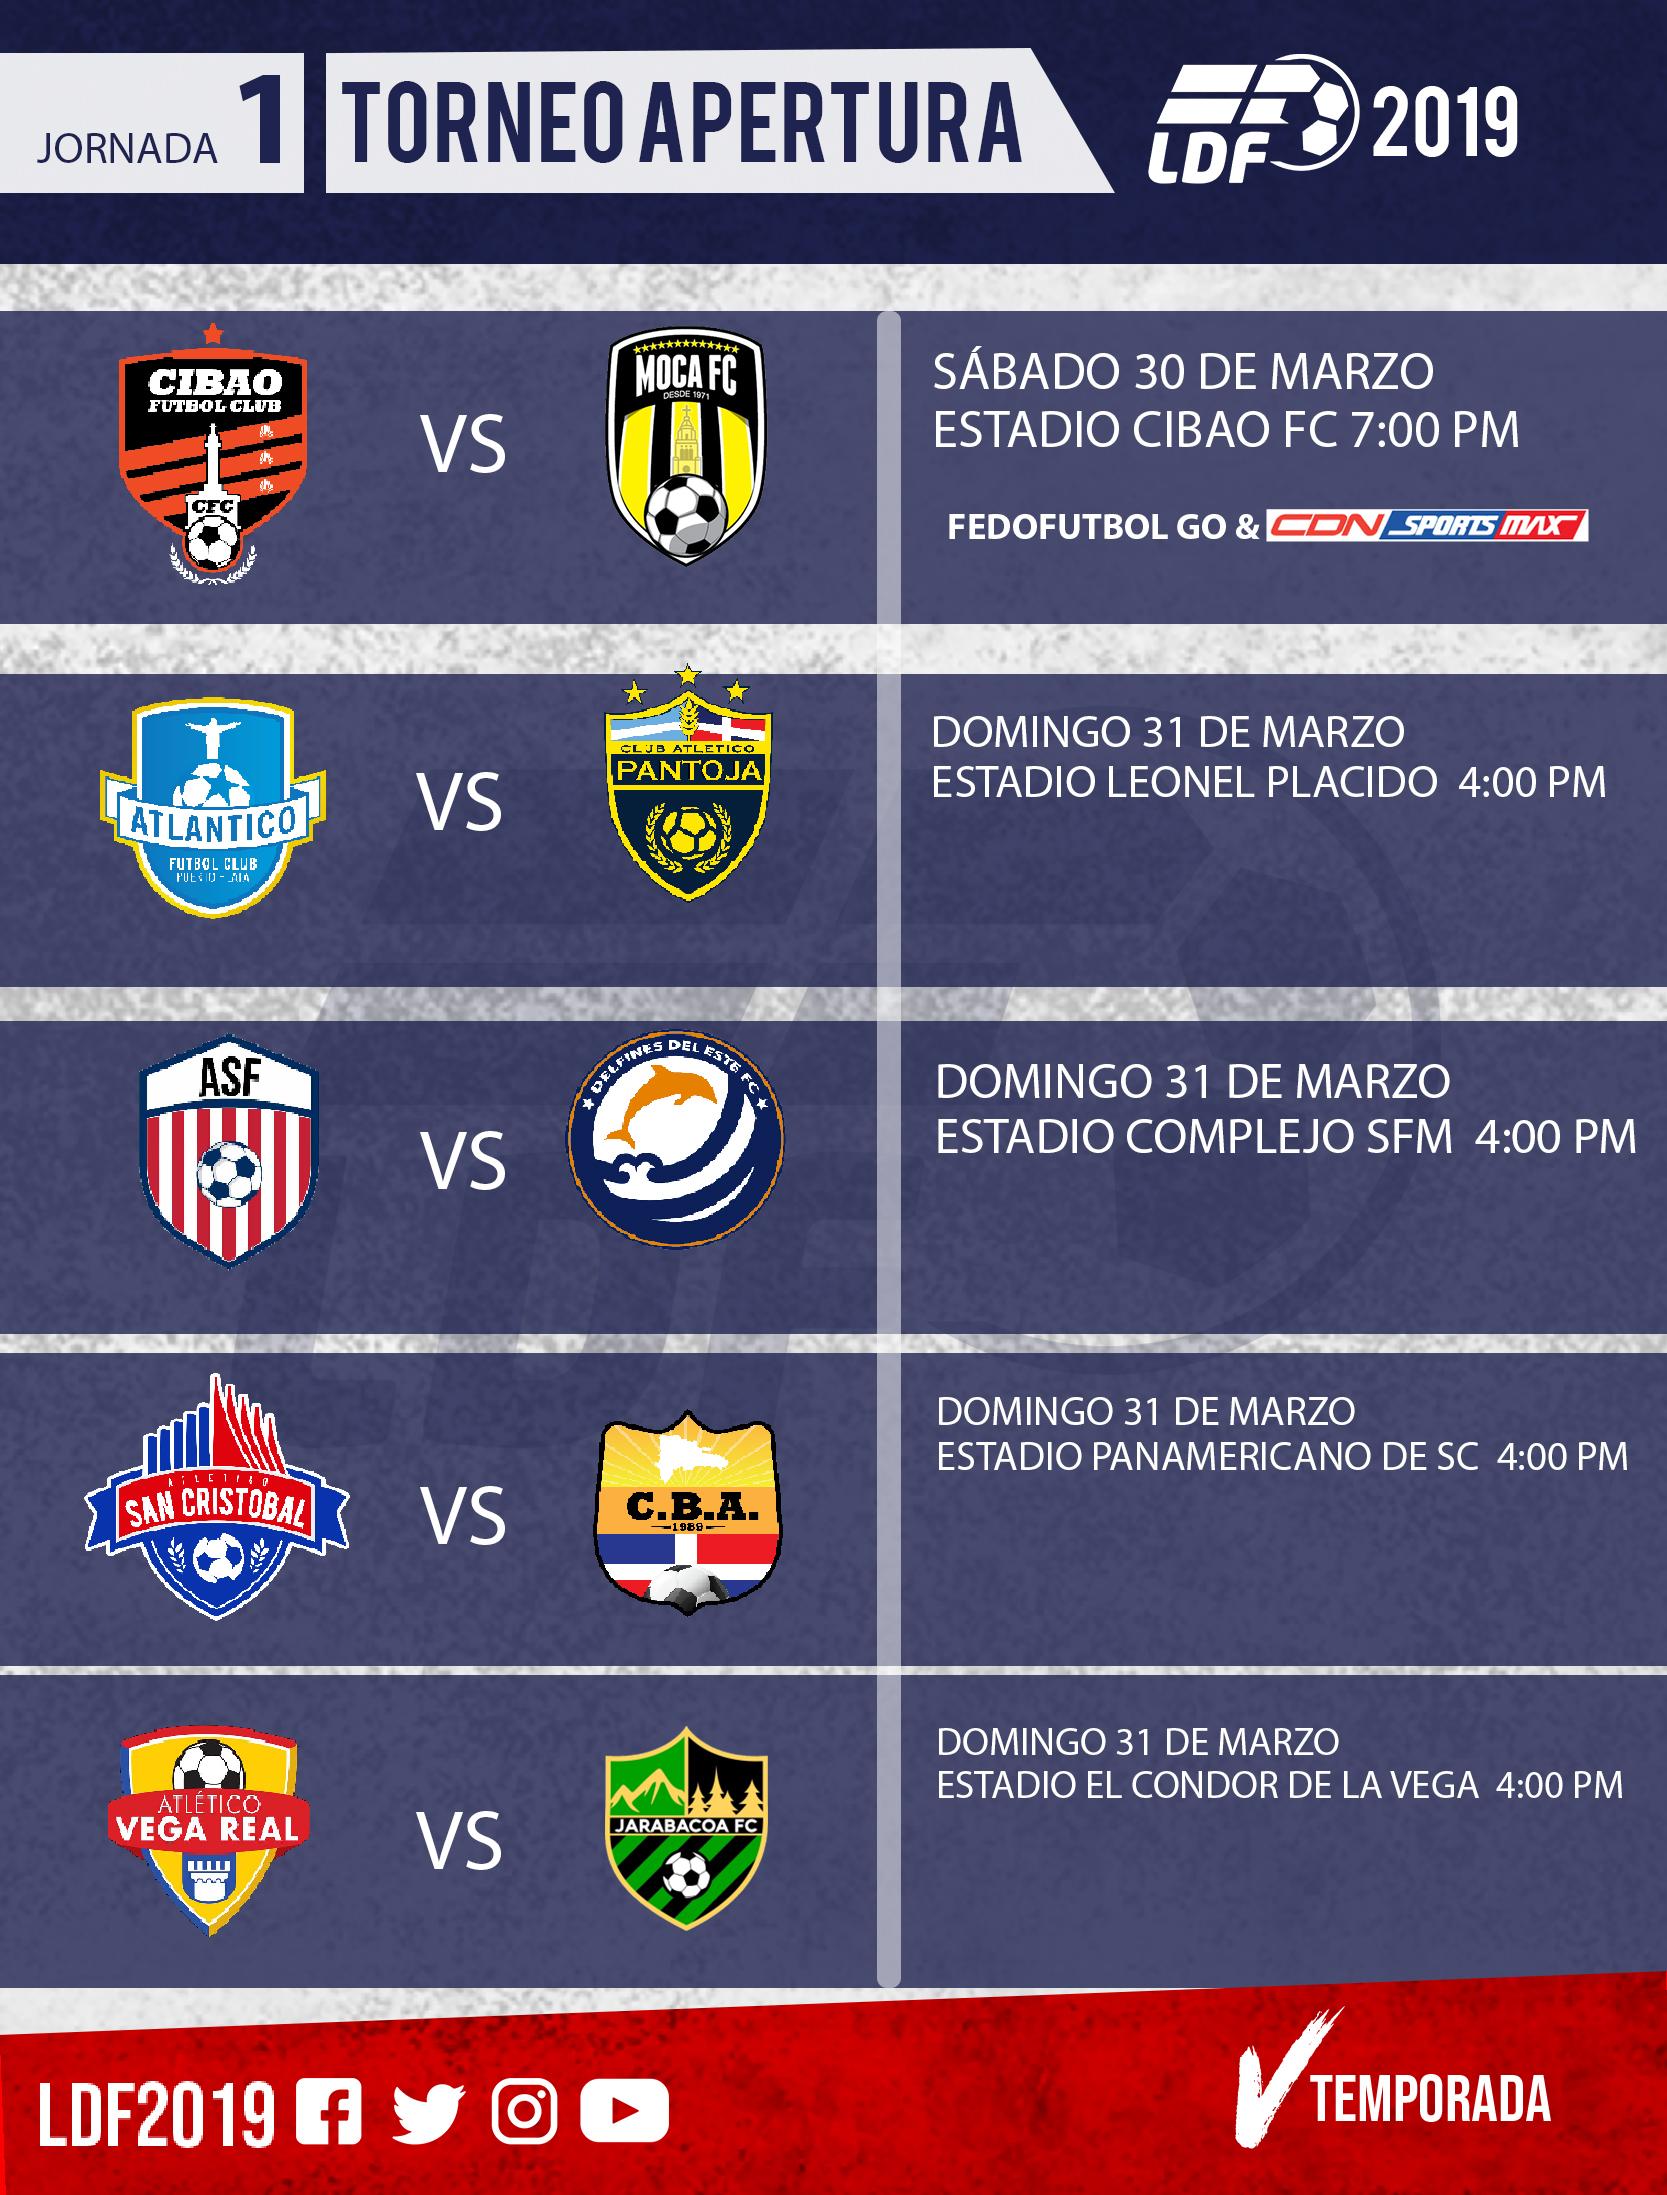 Partidos del LDF Apertura 2019 programados para el domingo 31 de marzo